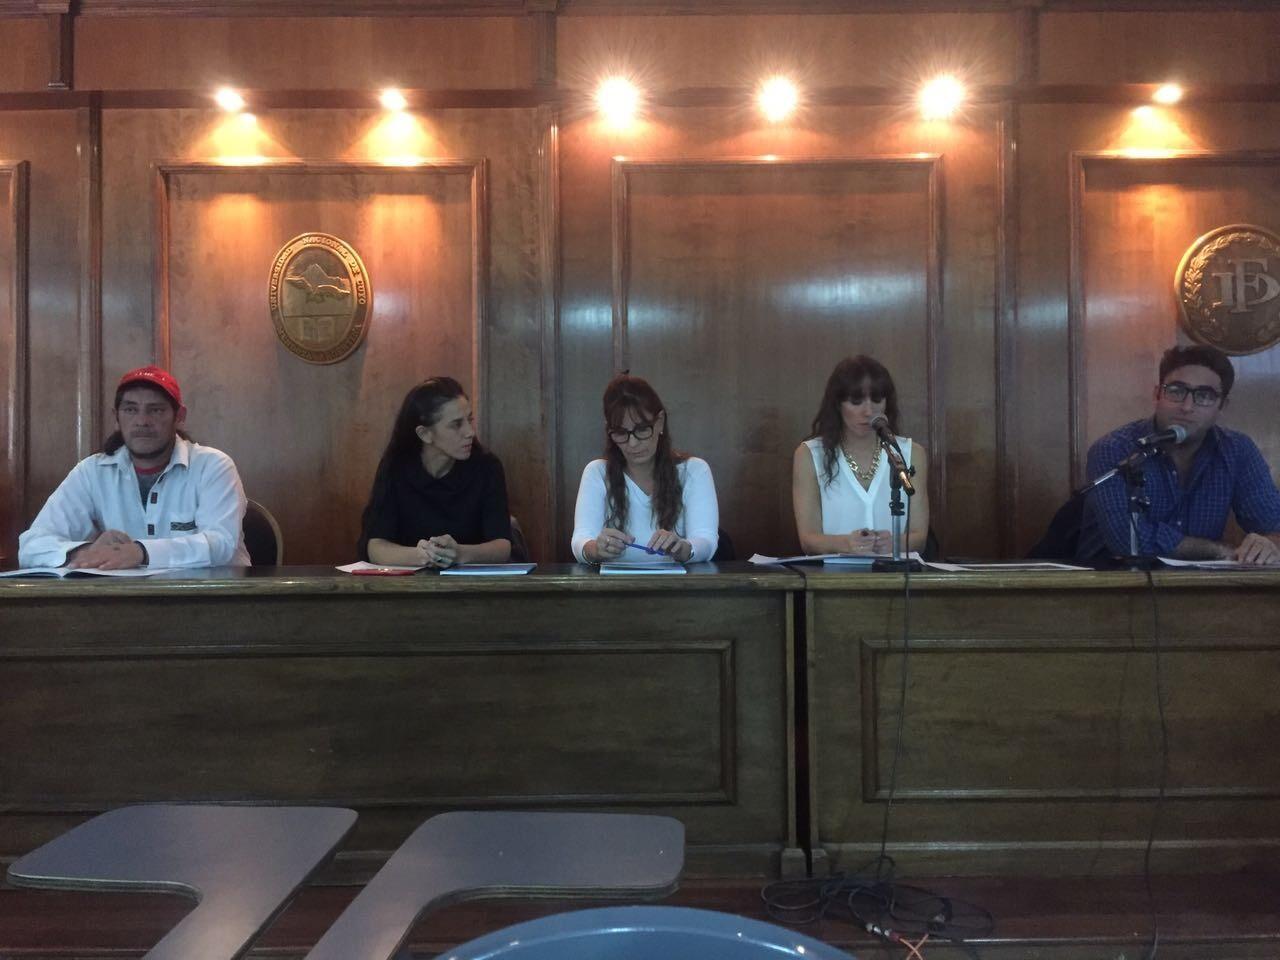 Emilio Maturana, Milagros Noli, Patricia Santoni, María del Valle Gómez Lausi, y Julián Axat.  -